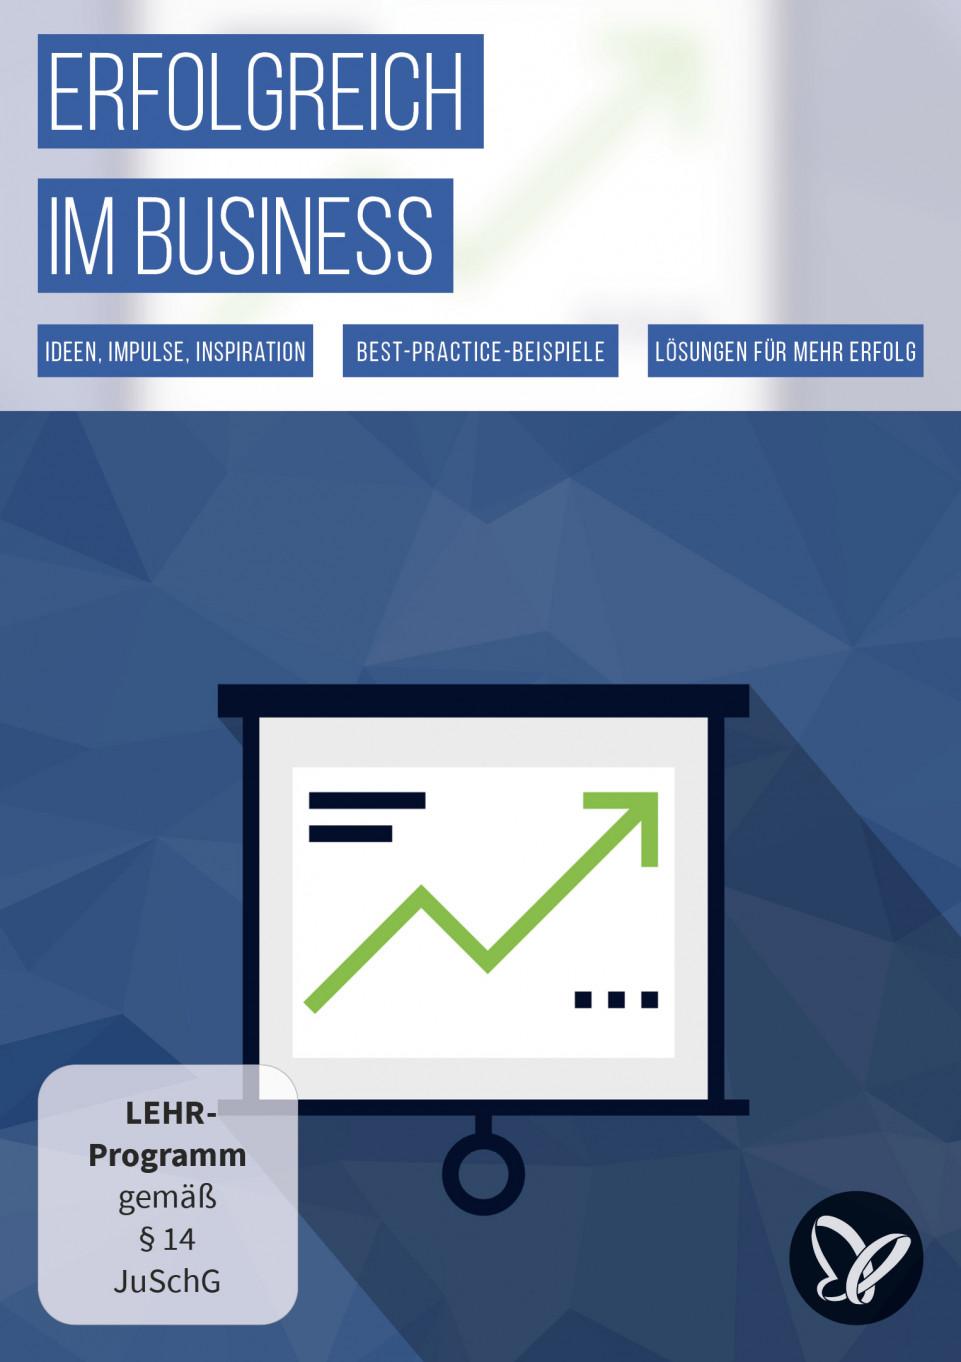 Erfolgreich im Business – Ideen, Impulse und Inspiration